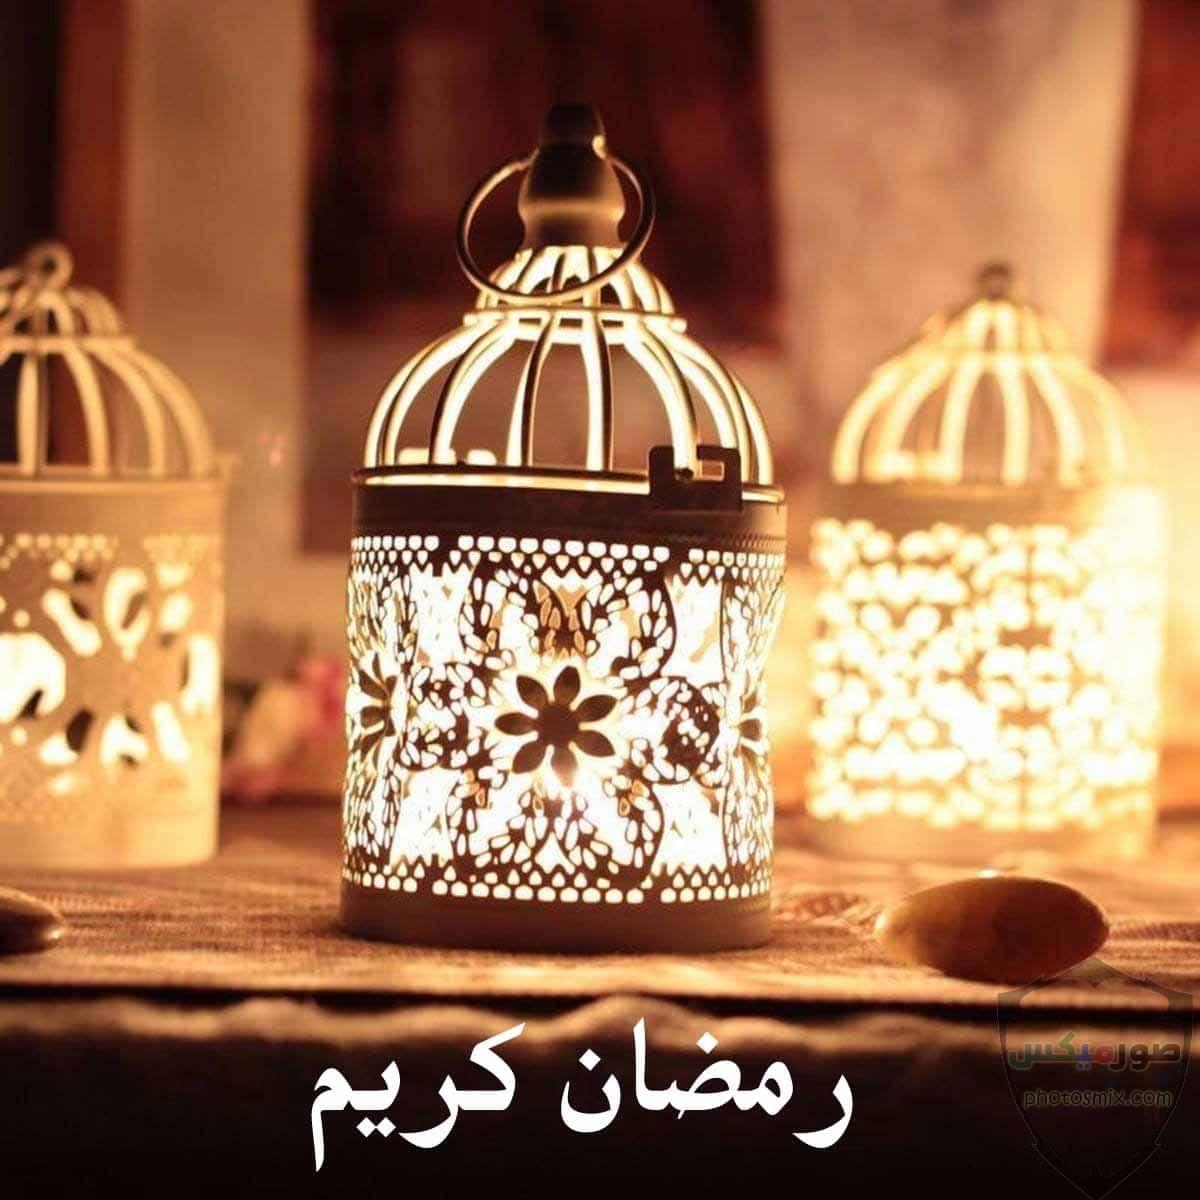 صور تهنئة رمضان 2020 رسائل بوستات حالات تهنئة برمضان 6